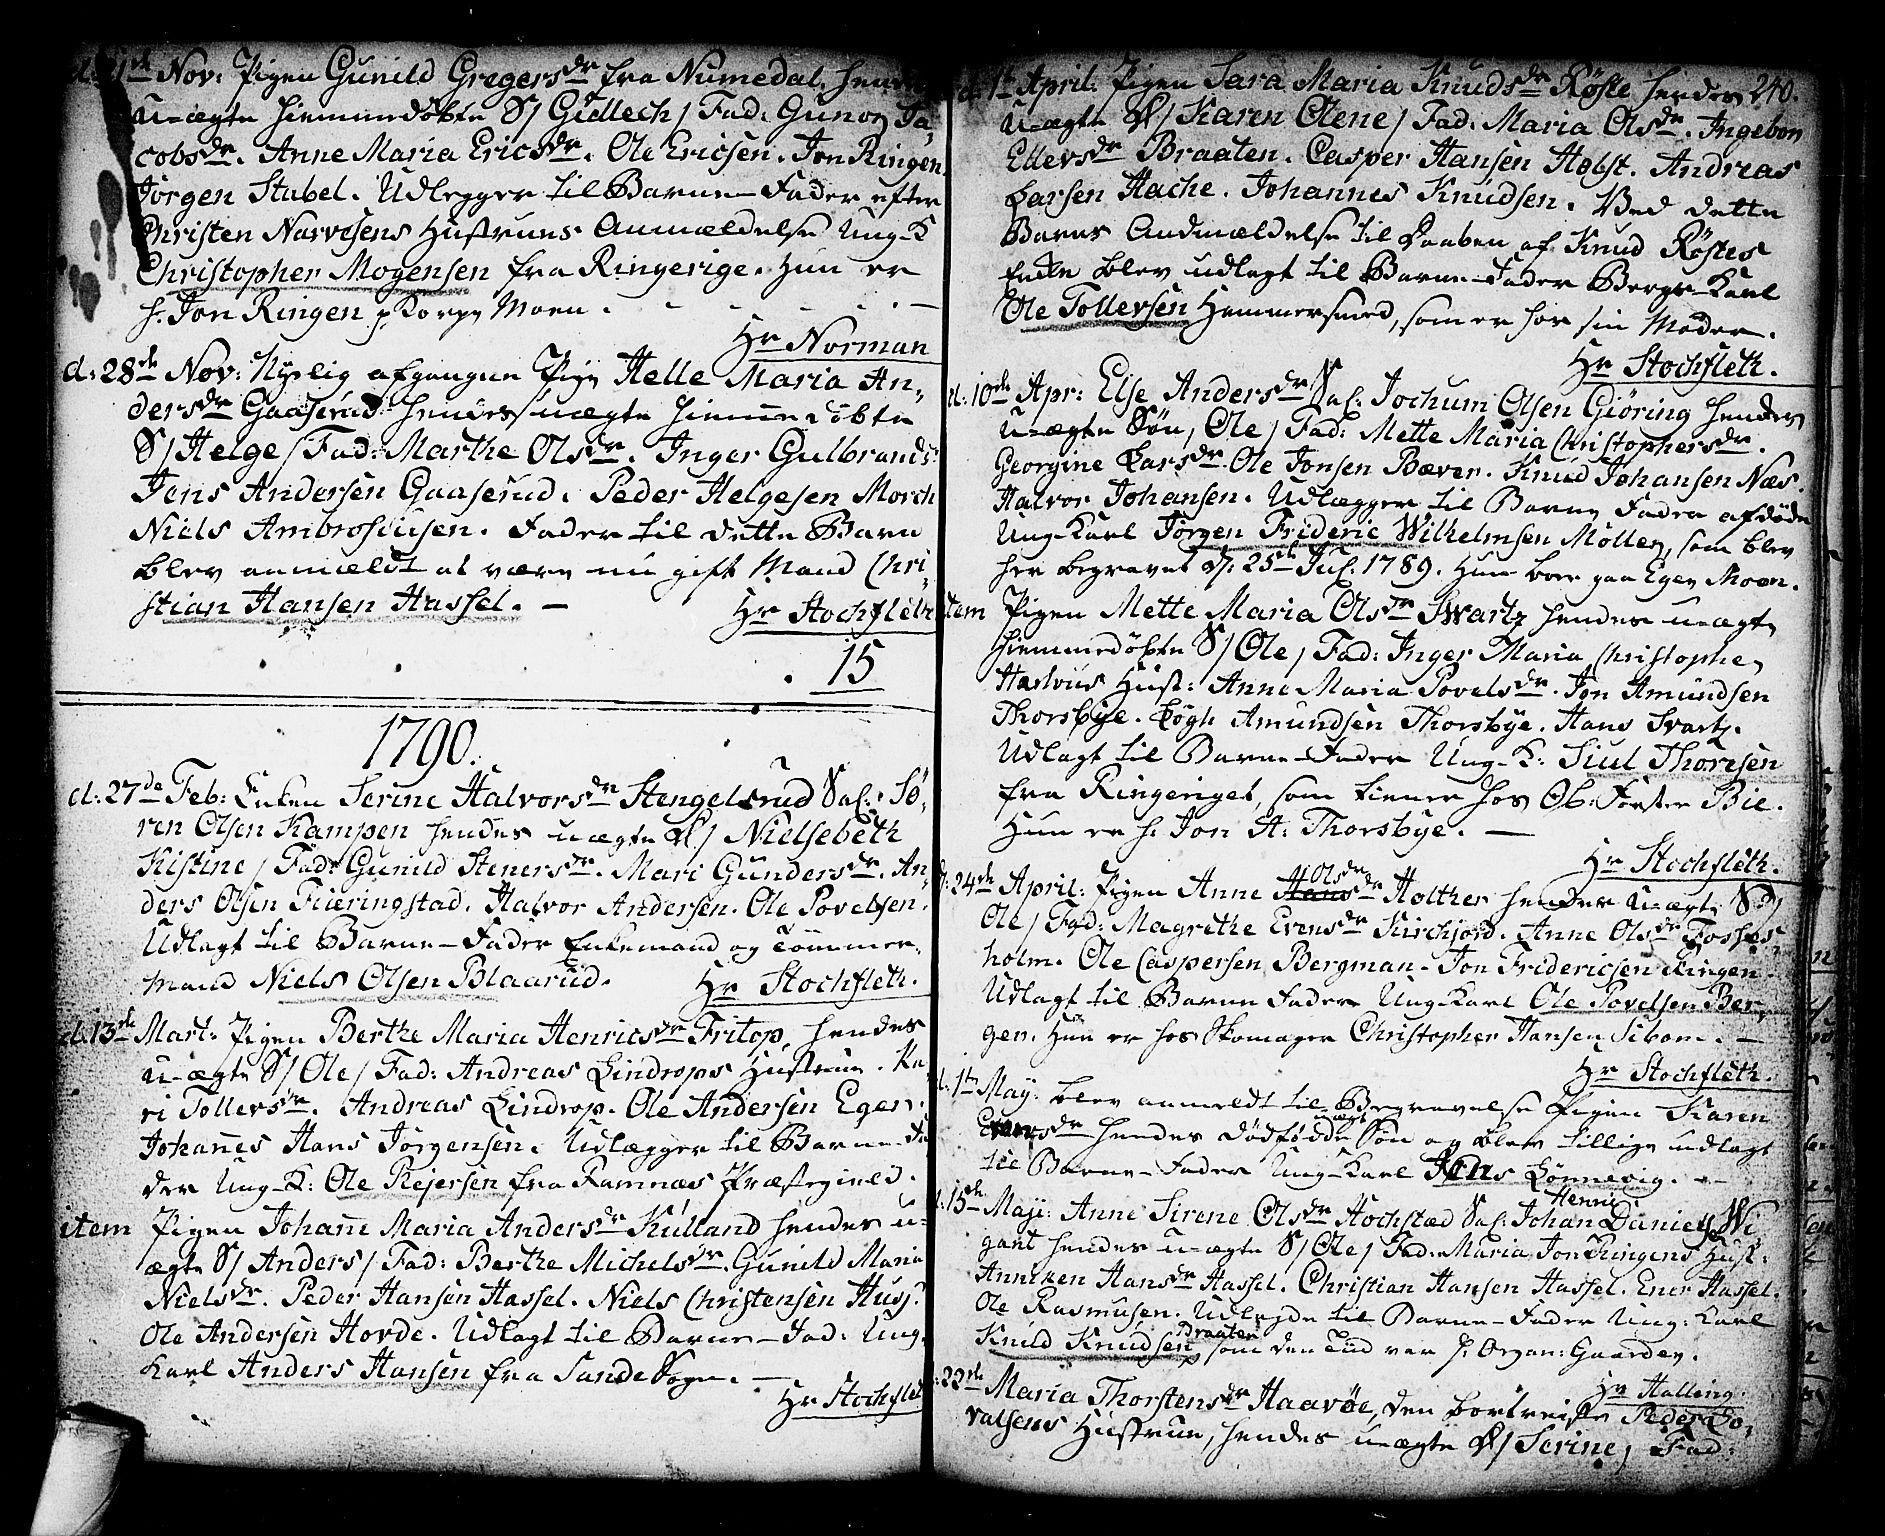 SAKO, Kongsberg kirkebøker, F/Fa/L0006: Ministerialbok nr. I 6, 1783-1797, s. 240